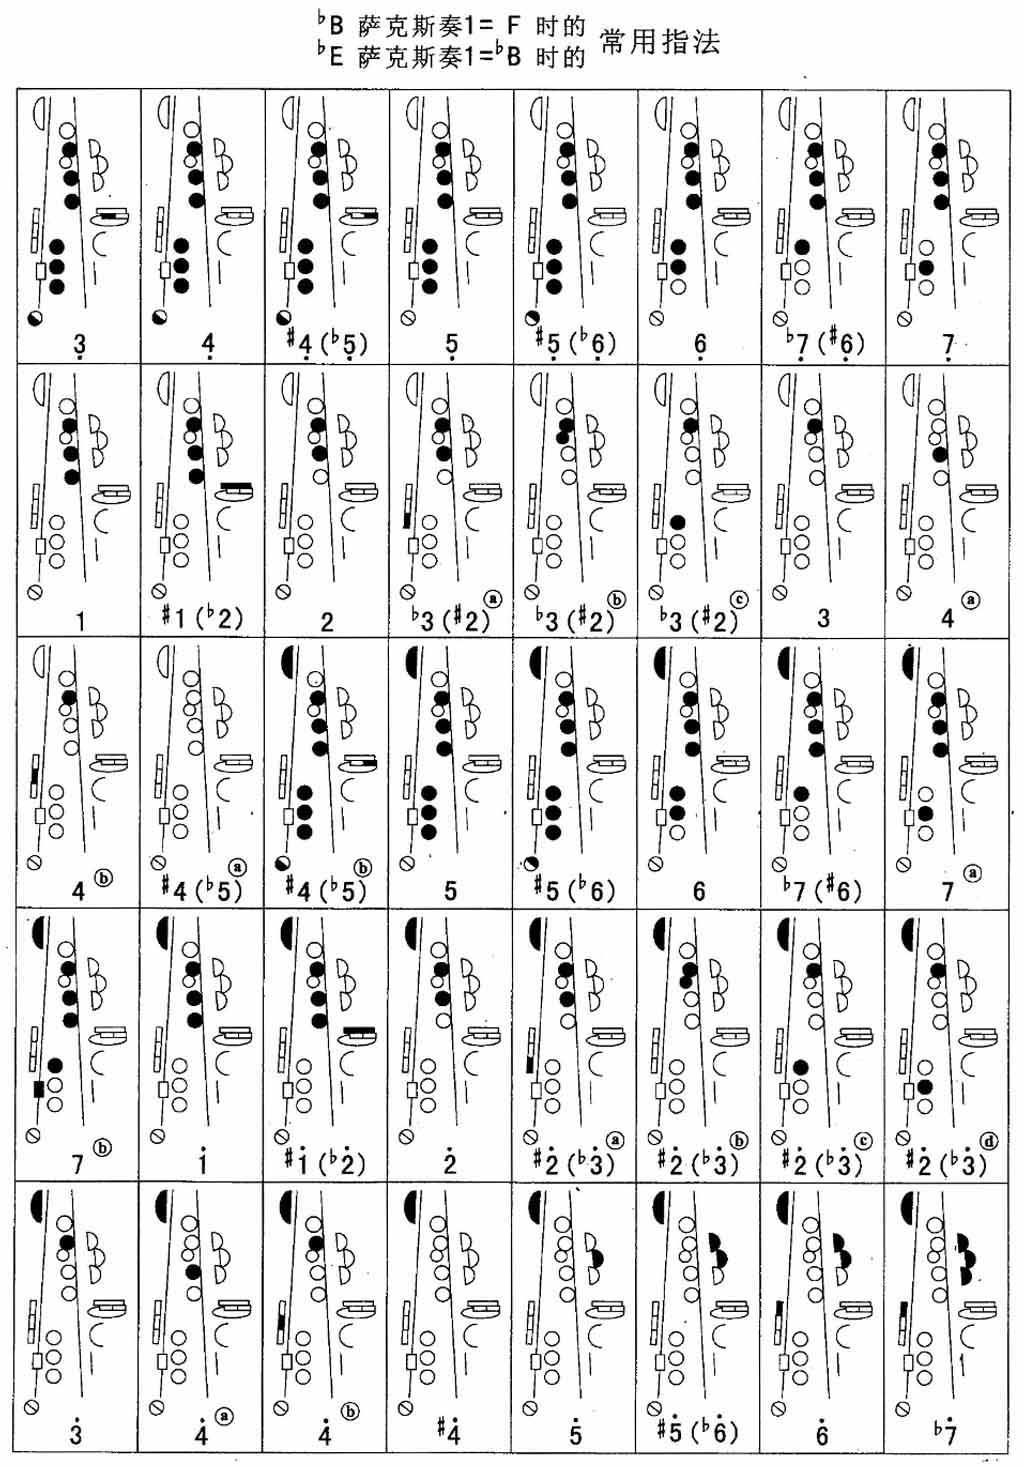 降b - 萨克斯指法表